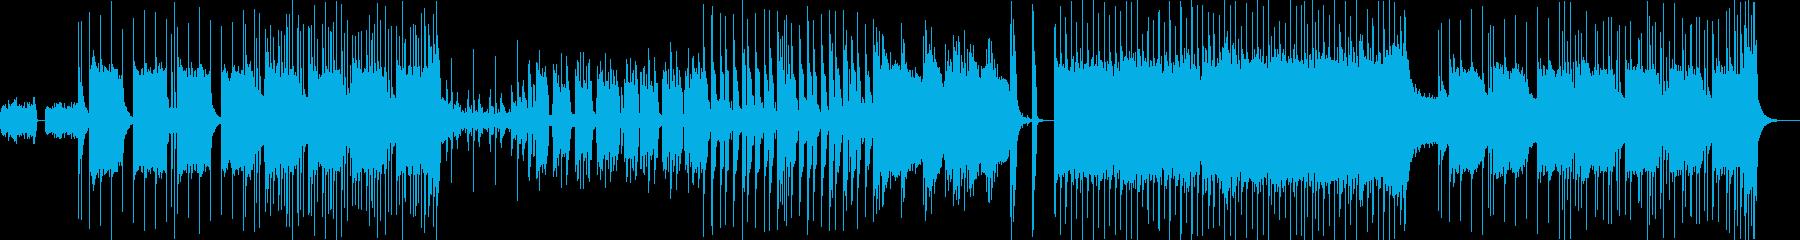 ヘヴィーレゲエロックの再生済みの波形